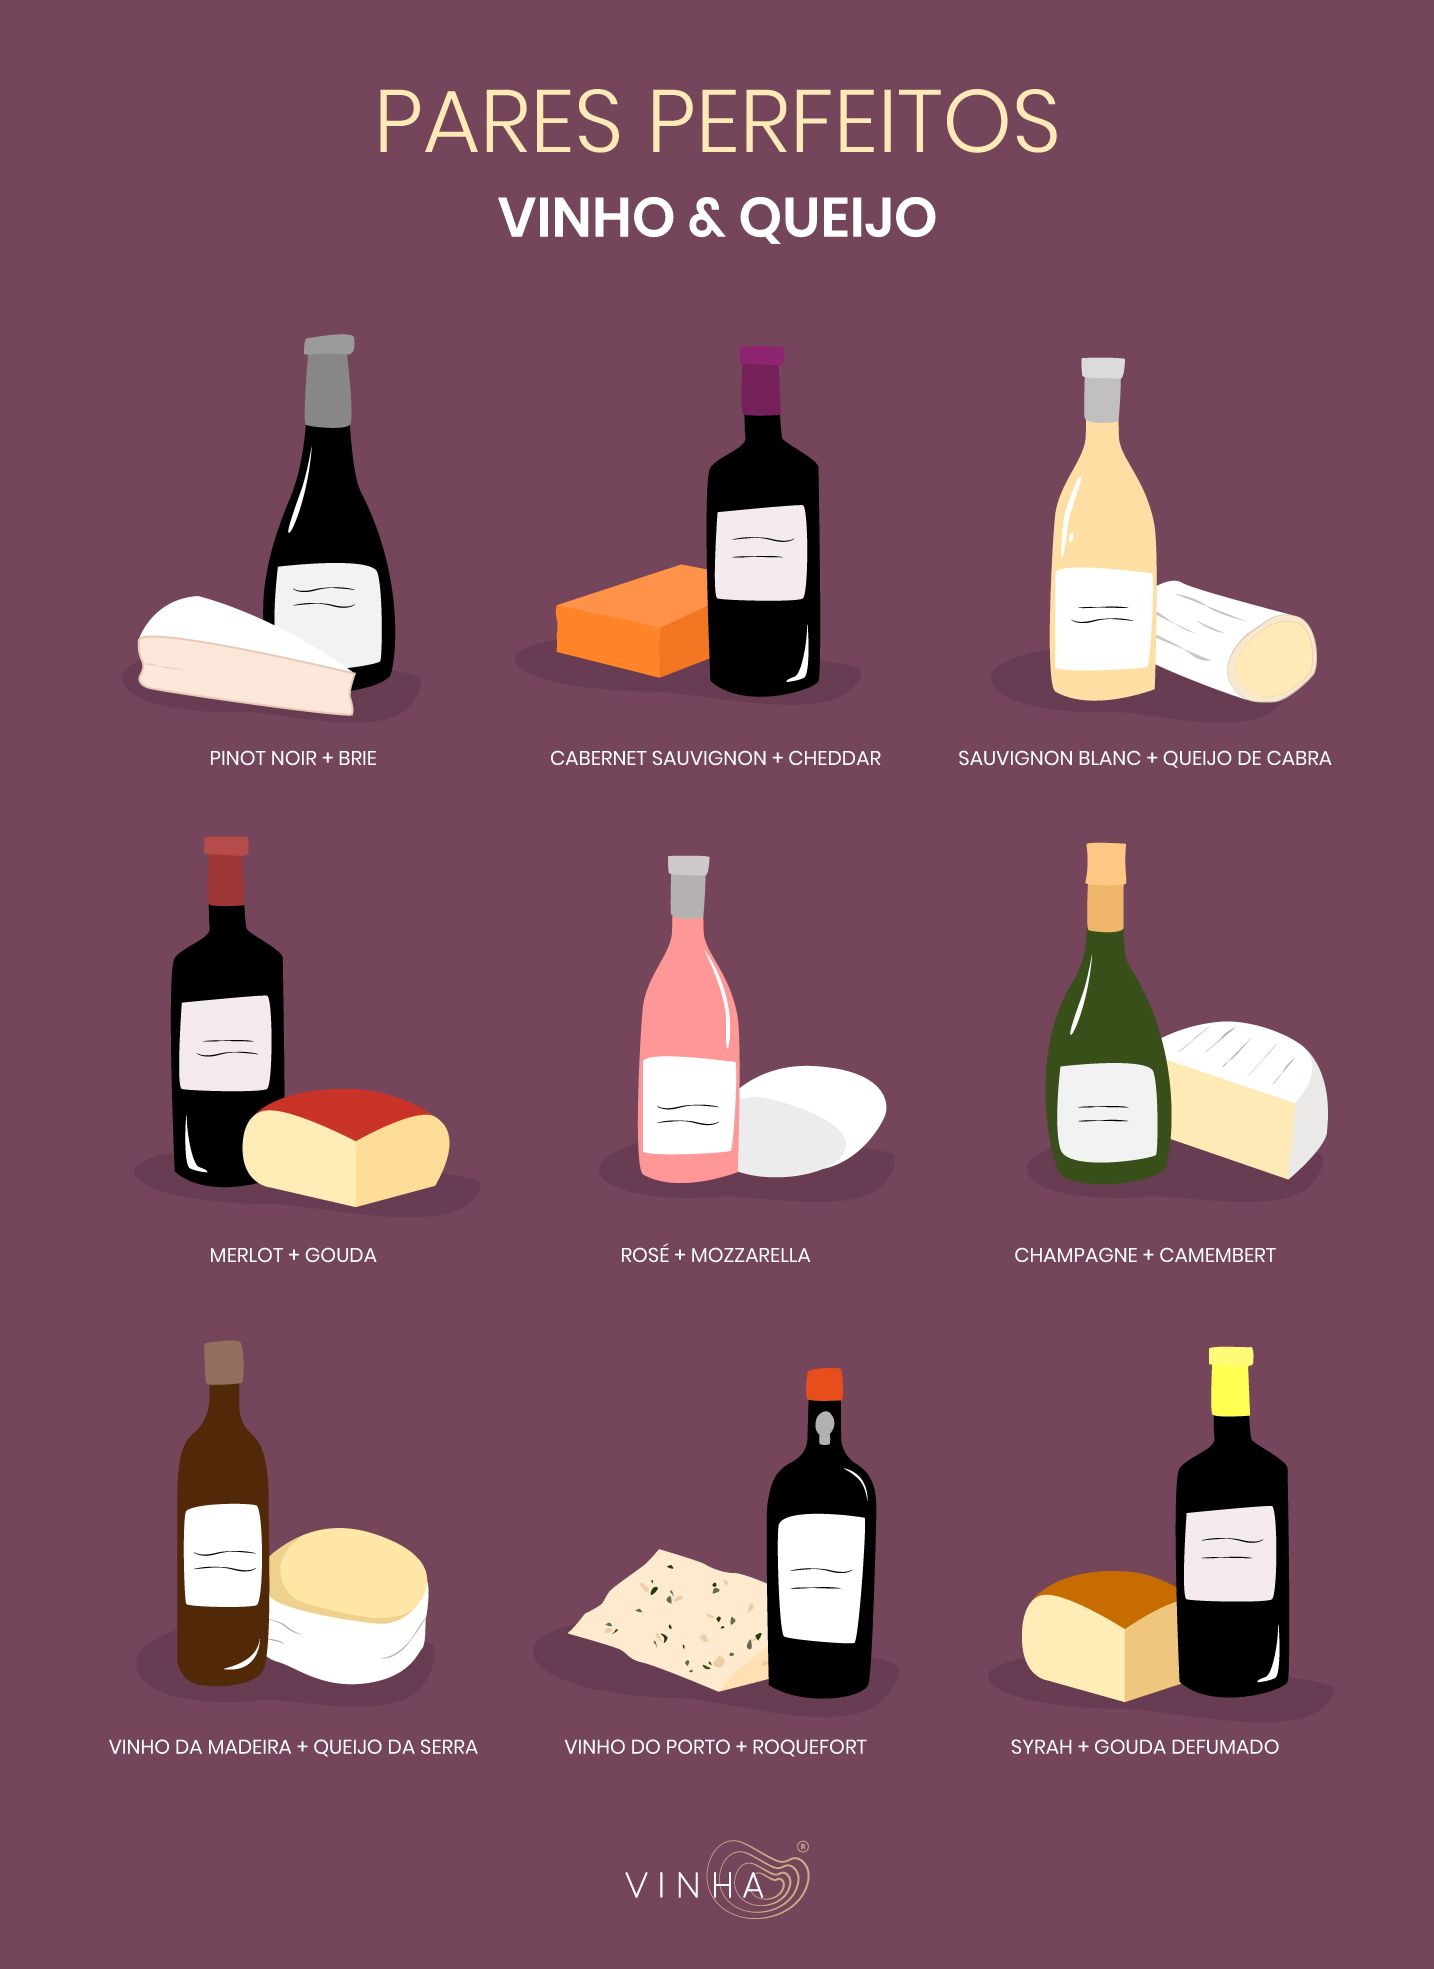 Casar Queijo Com Vinho Dicas Infaliveis Para Combinar Queijo E Vinho Vinha Vinho Vinhos E Queijos Sauvignon Blanc